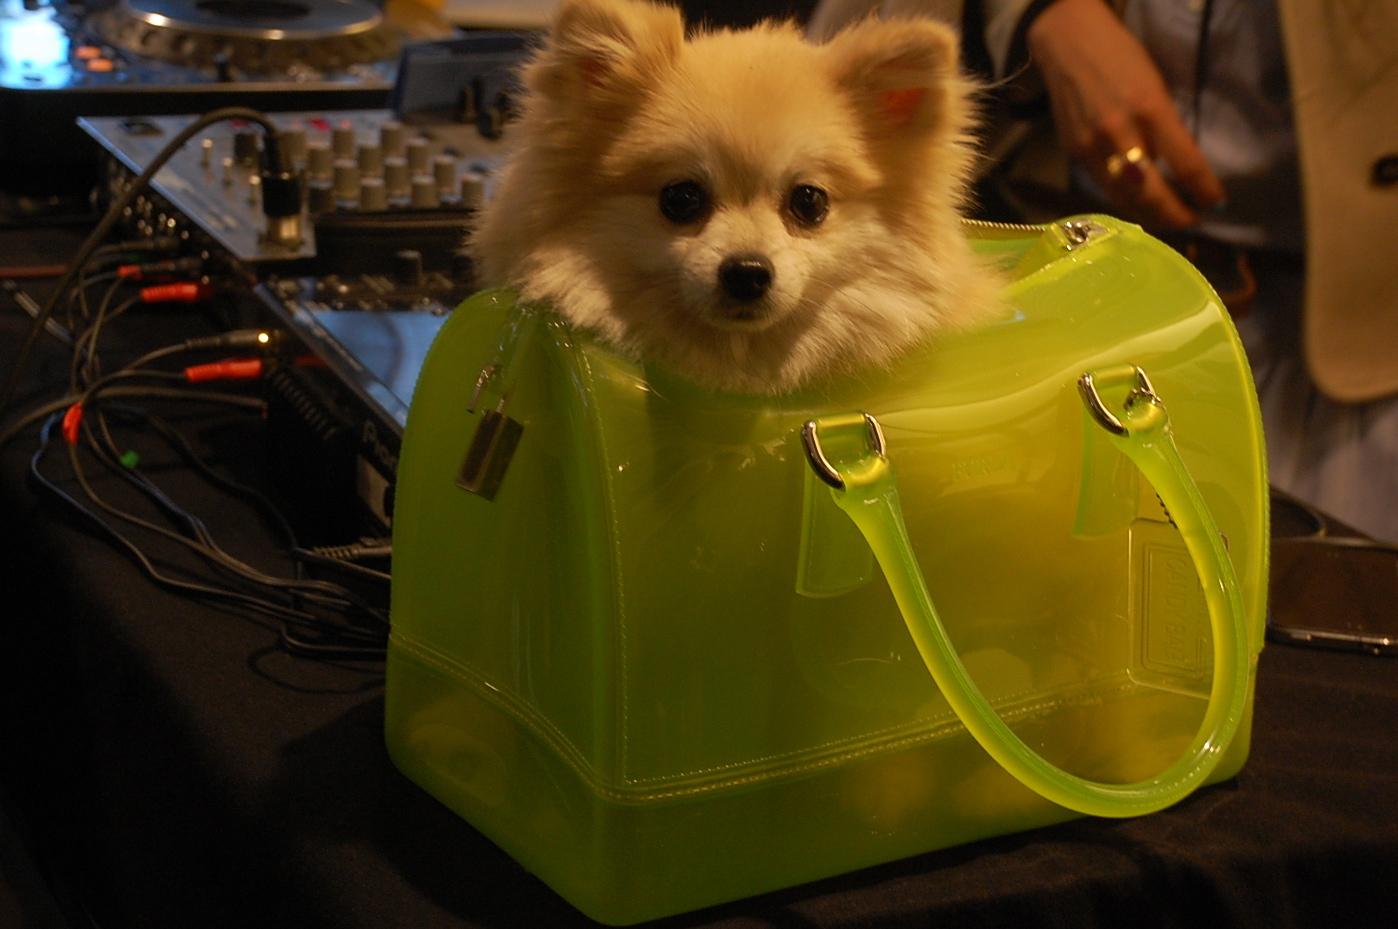 Soaljawab Hukum Corak Anjing Pada Beg Ohsem Meh